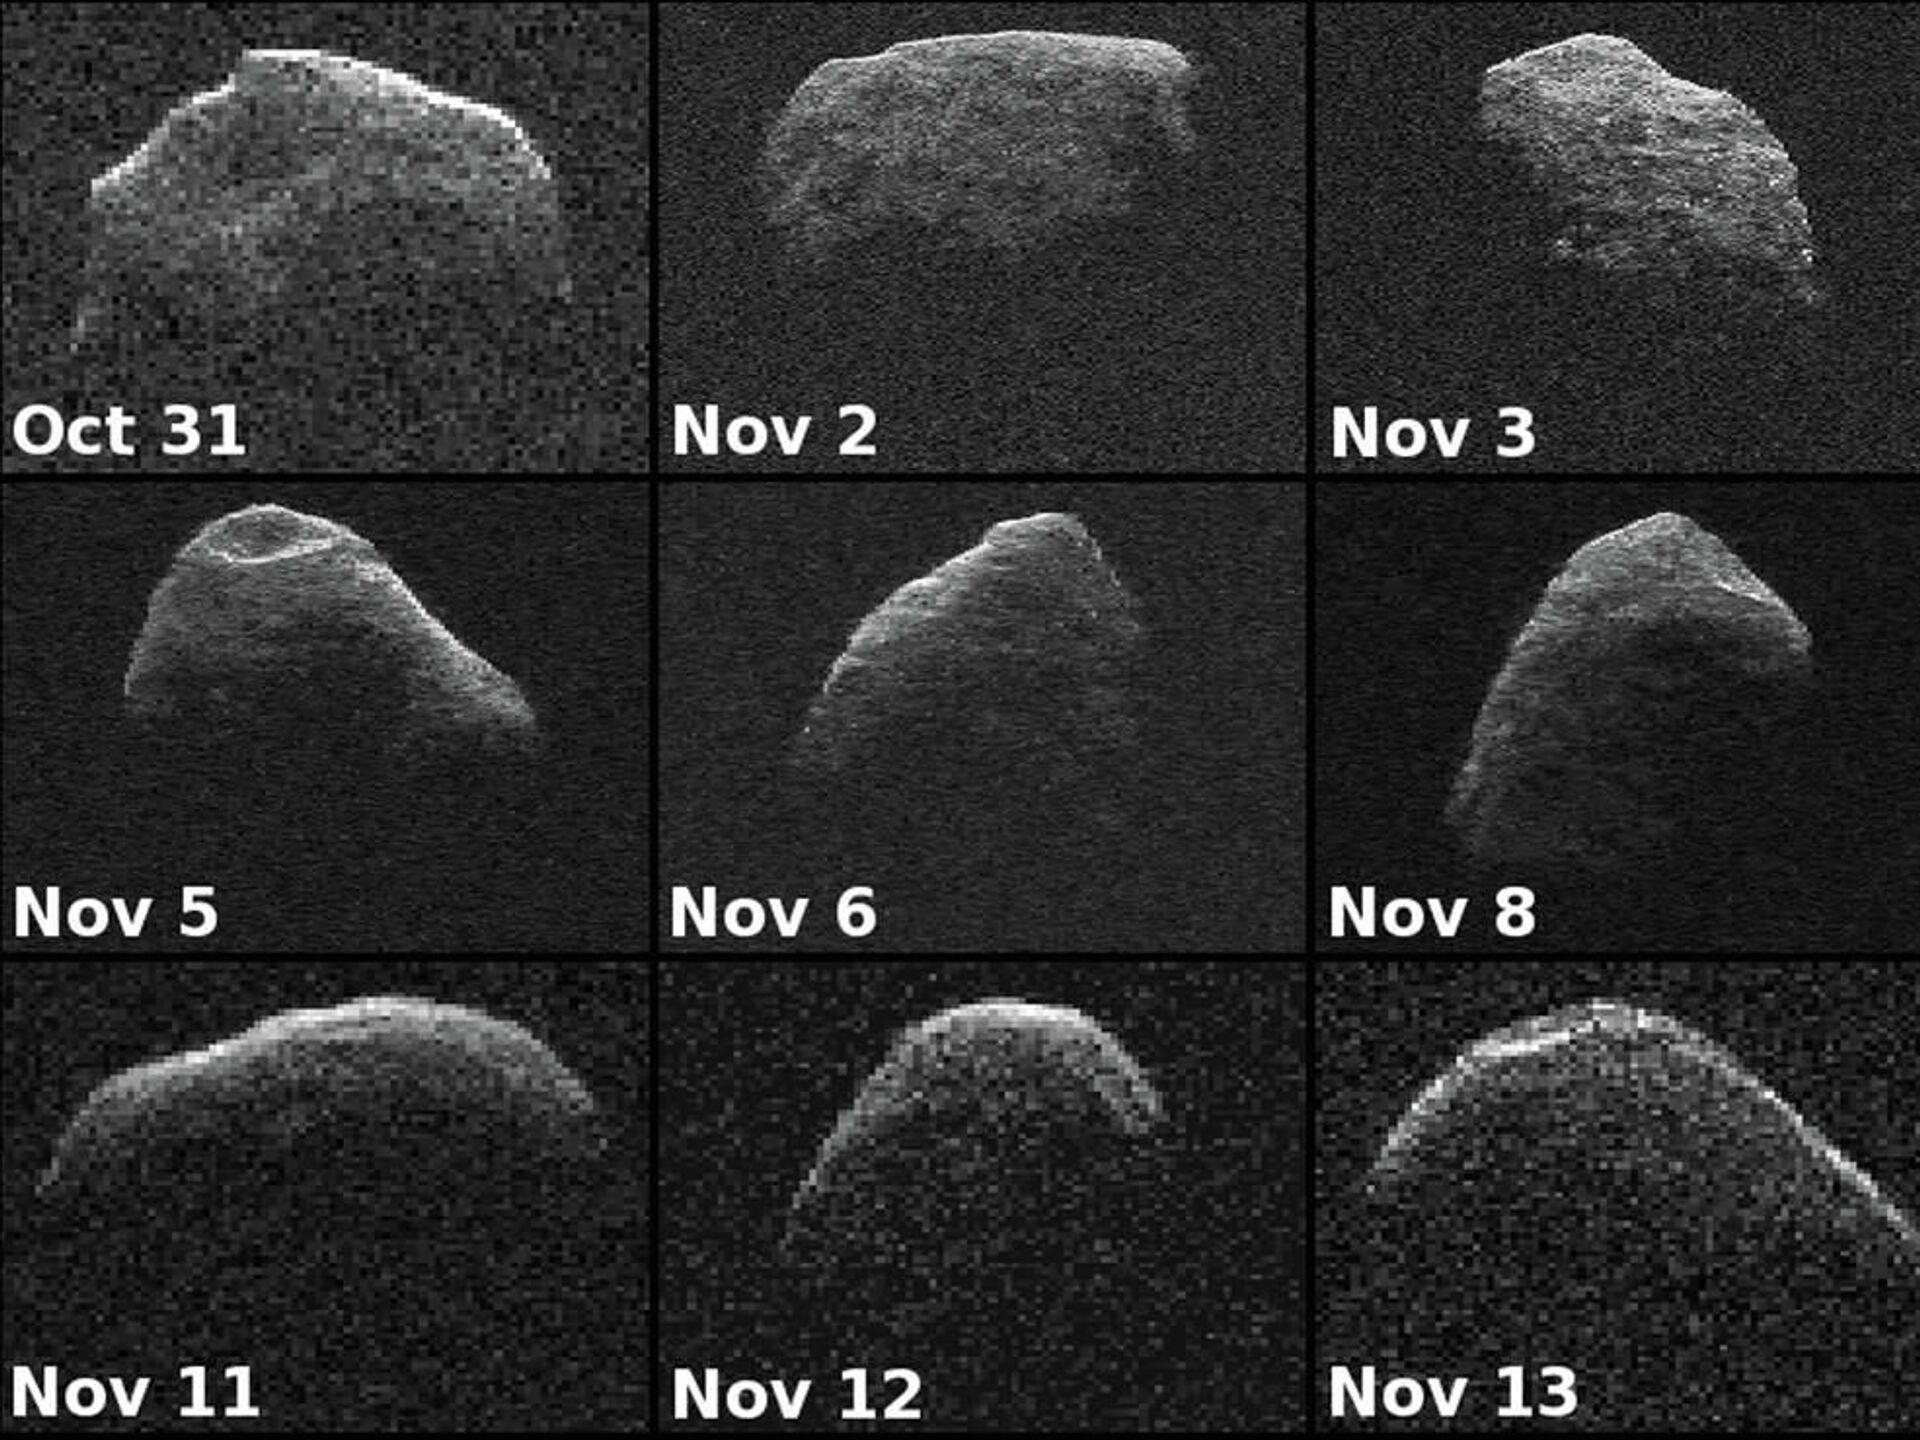 Фотографии Апофиса, полученные телескопами NASA с 31 октября по 13 ноября 2012 года - РИА Новости, 1920, 04.03.2021